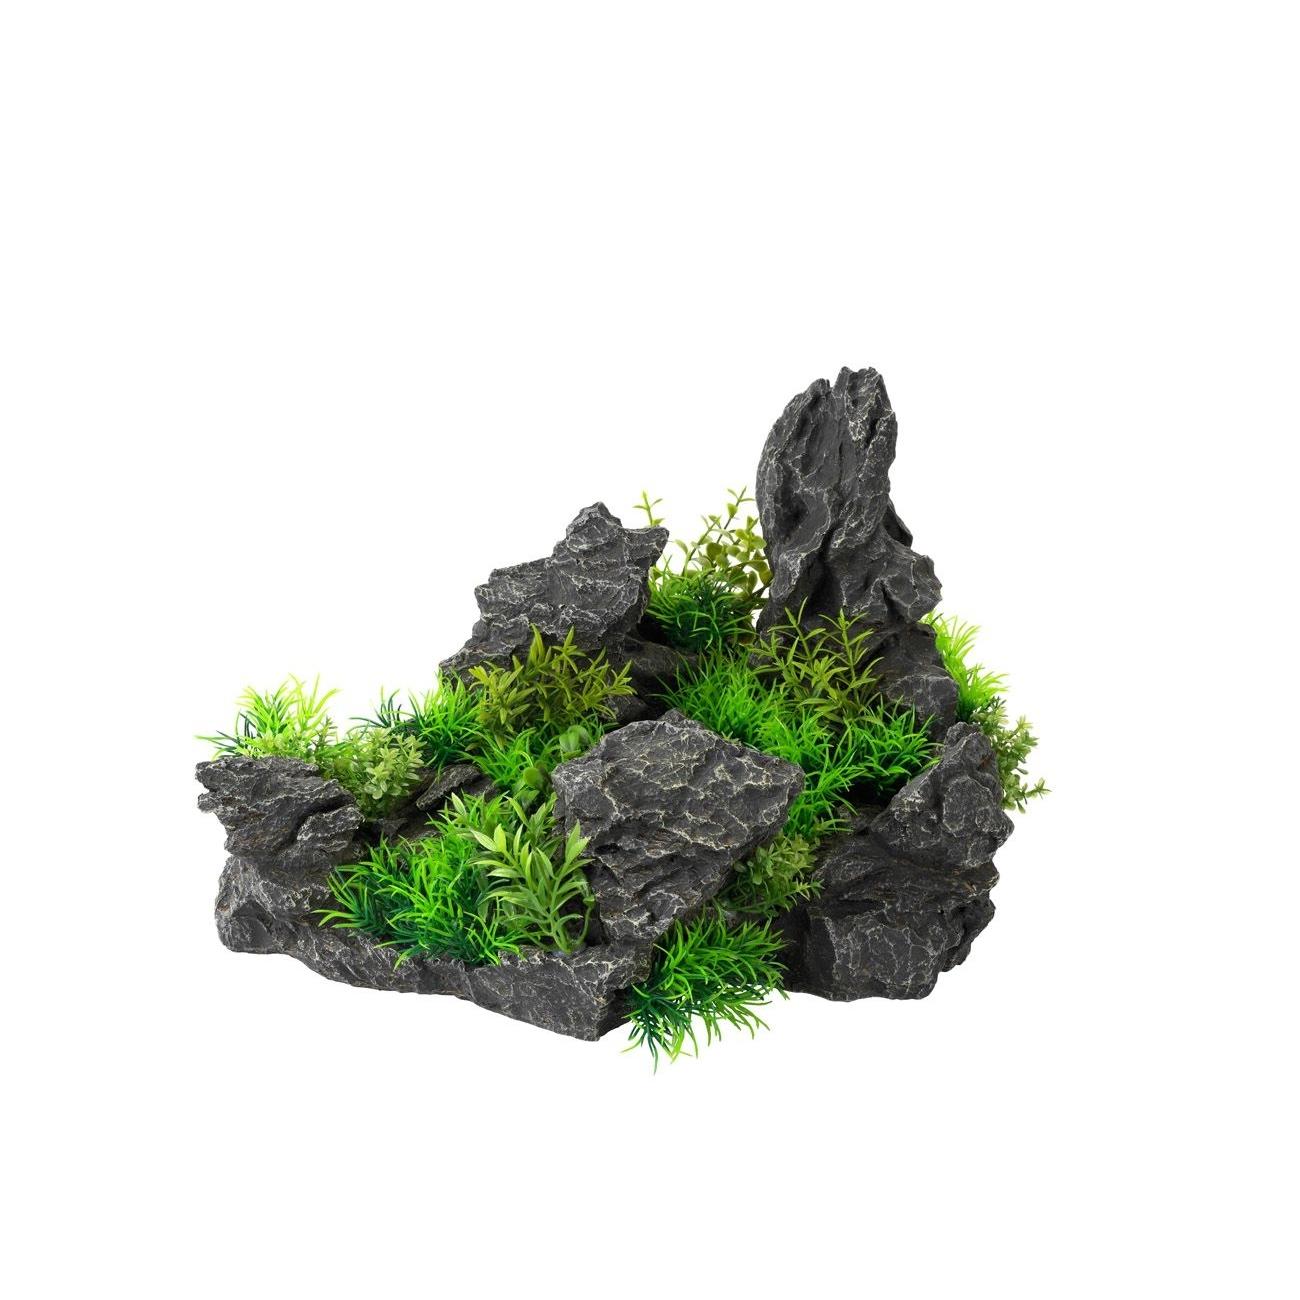 Aqua Della Aquascape Rock, Bild 4